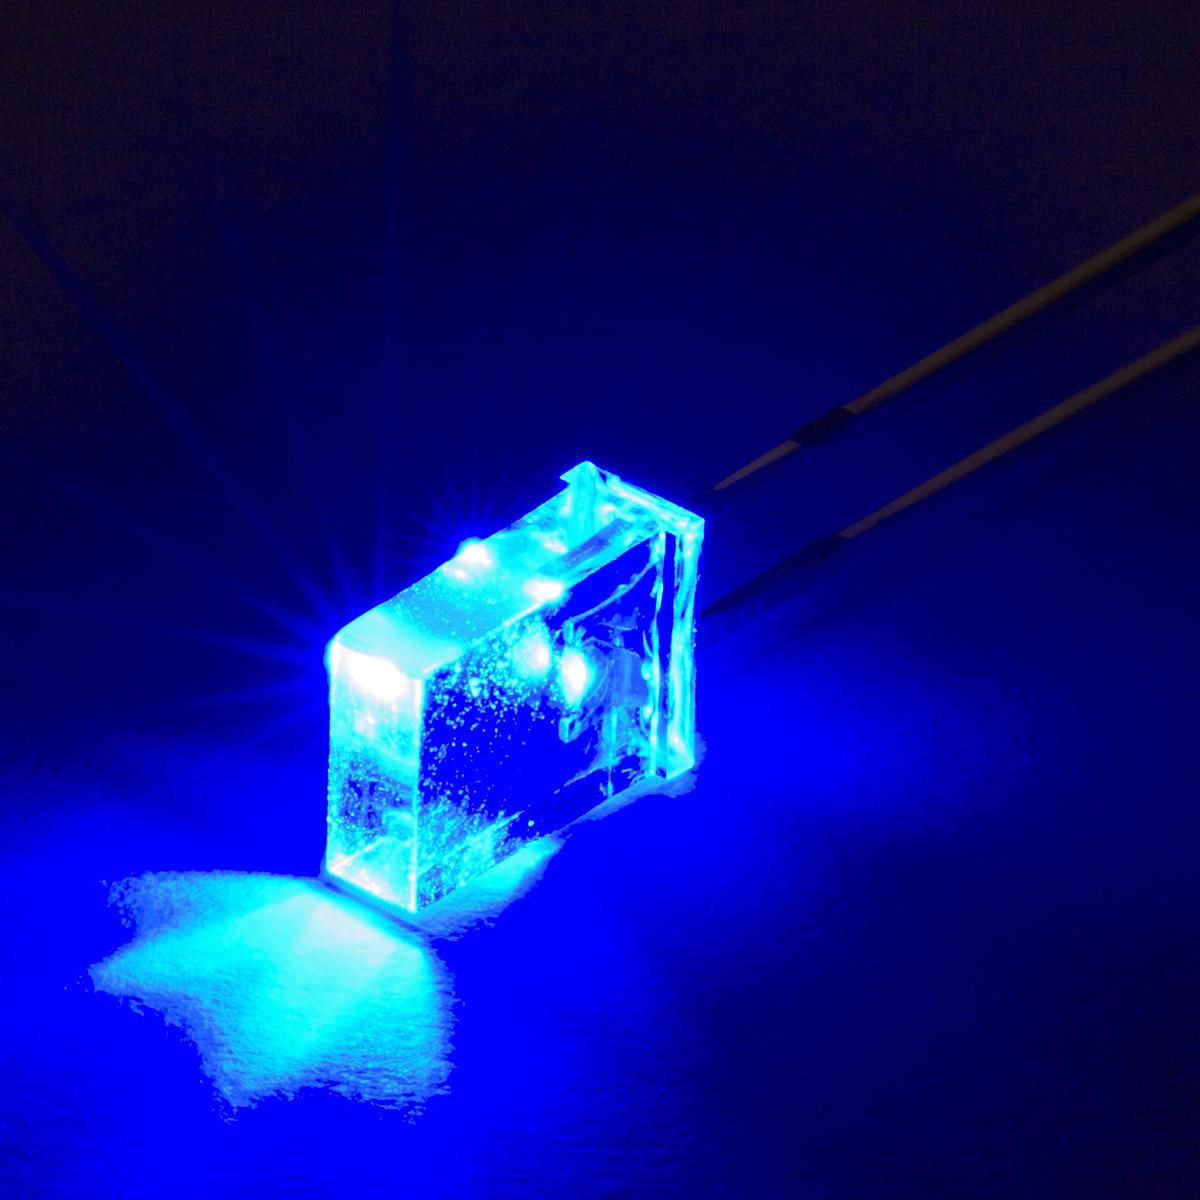 LED แบบเหลี่ยม LED เหลี่ยม สีน้ำเงิน จำนวน 5 ชิ้น